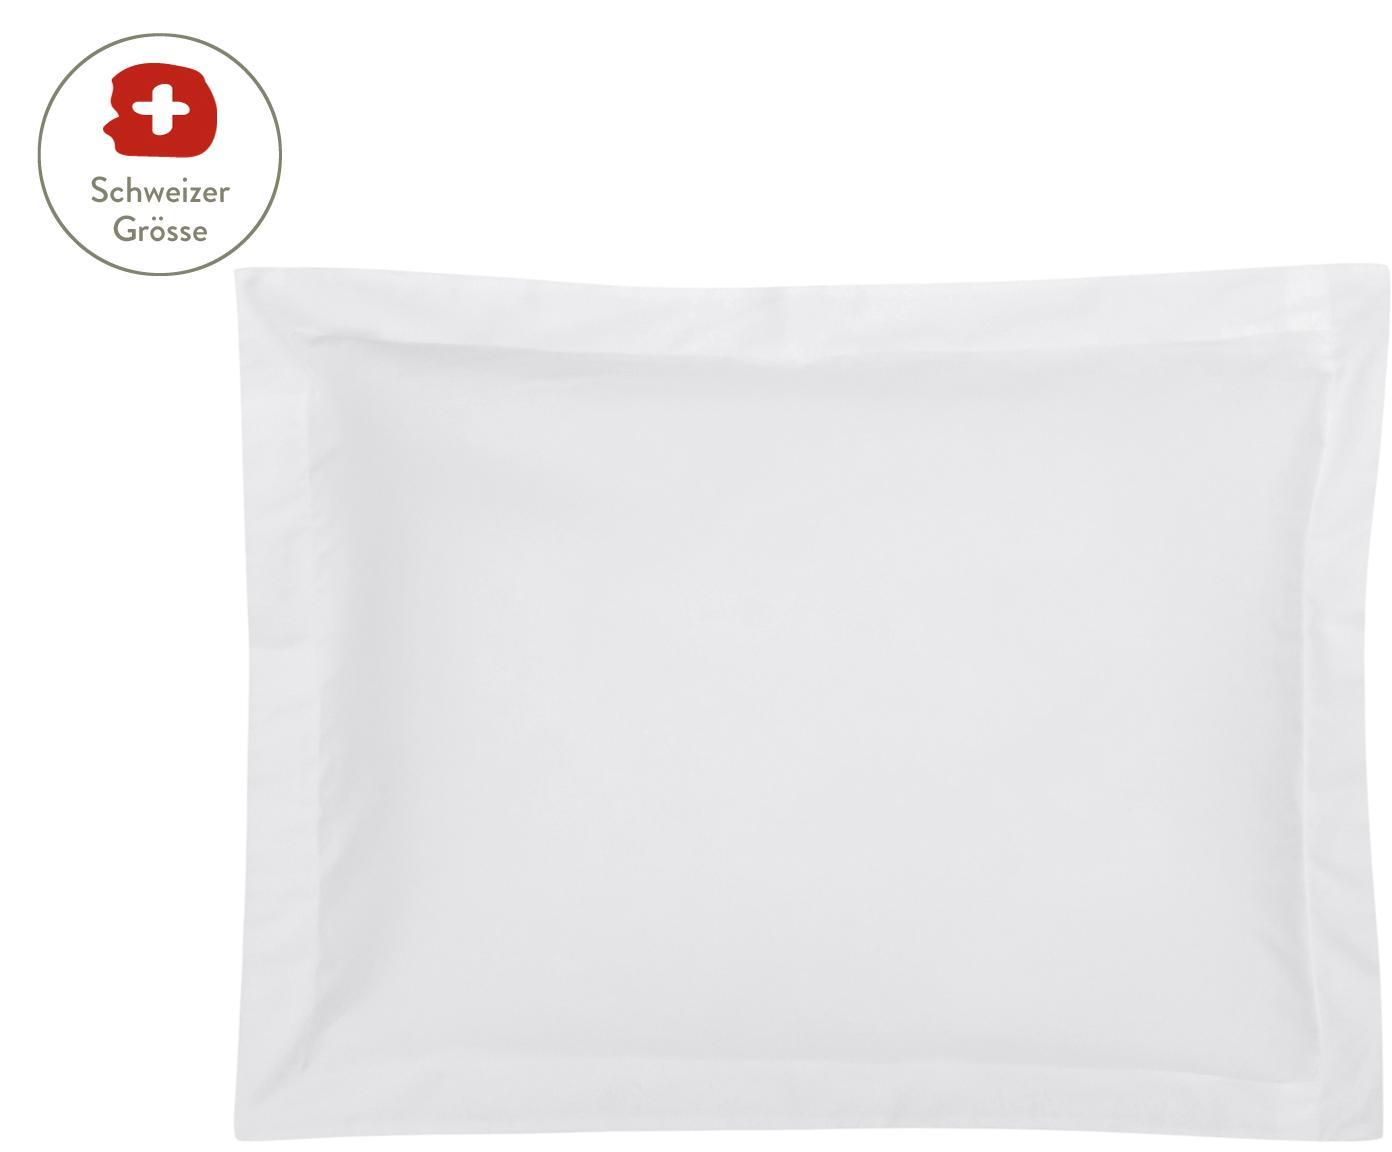 Baumwollsatin-Kissenbezug Premium in Weiss mit Stehsaum, Webart: Satin, leicht glänzend Fa, Weiss, 50 x 70 cm